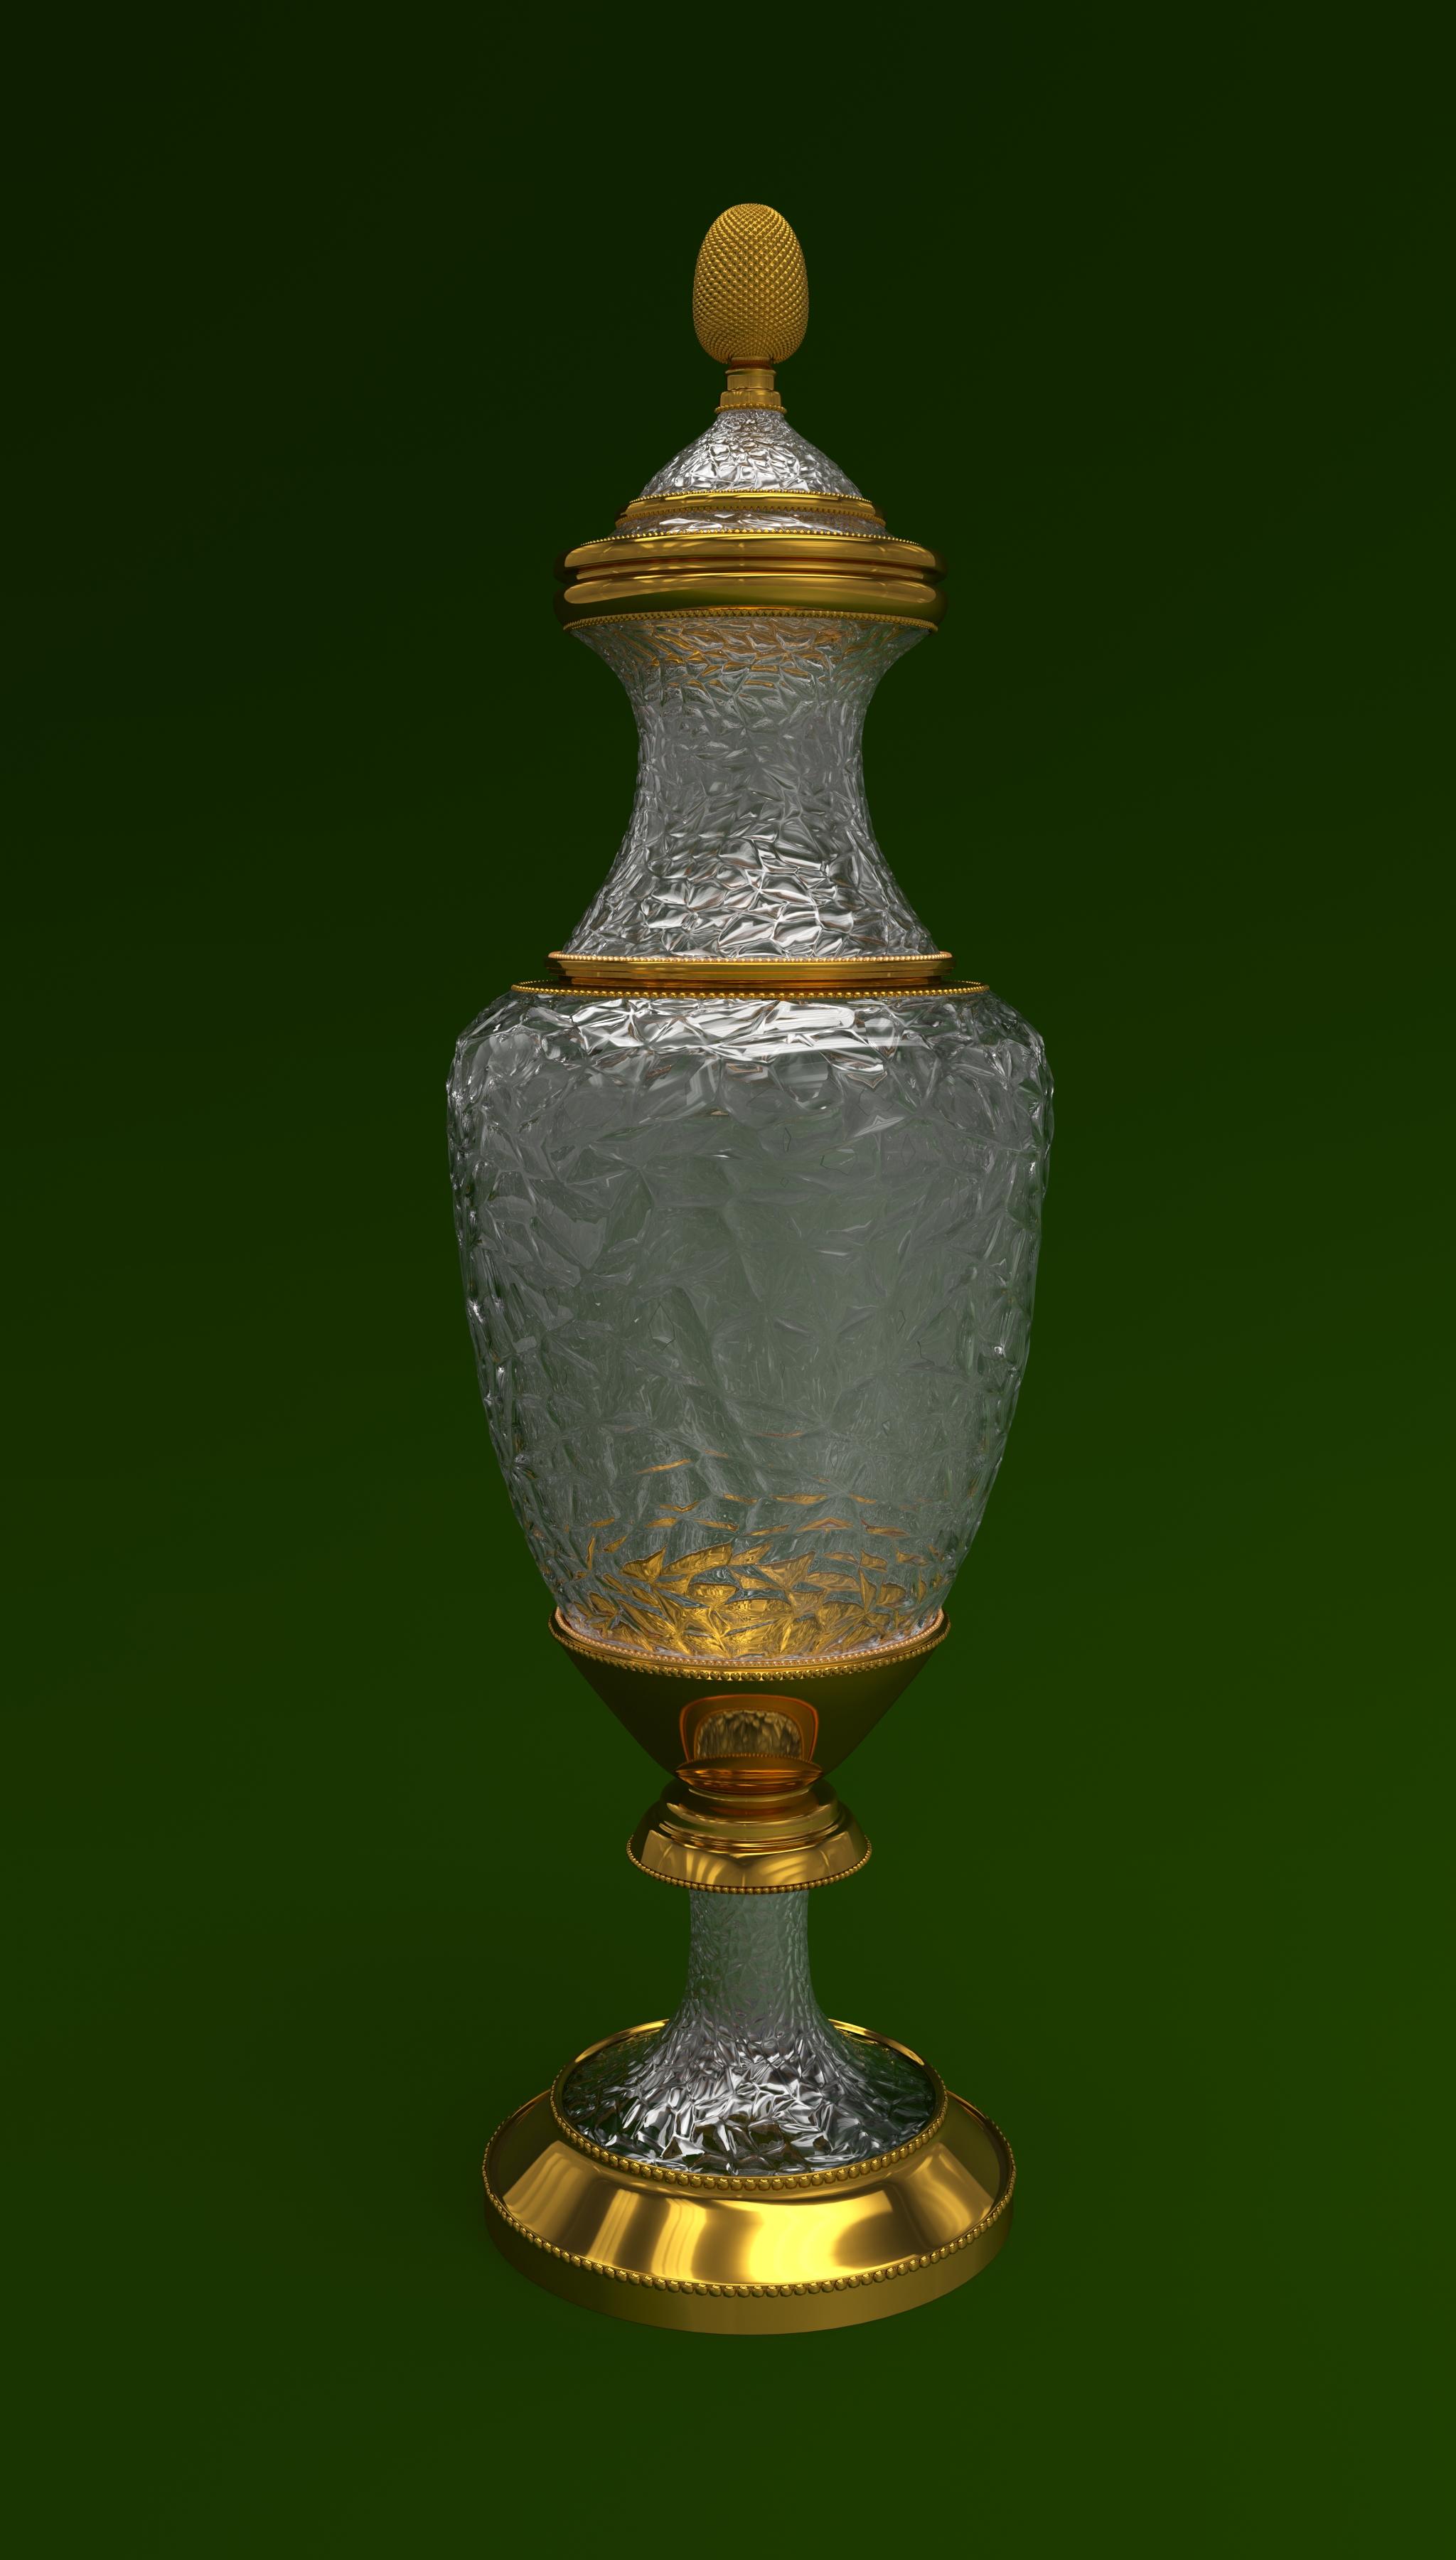 Vase in 3d max corona render image